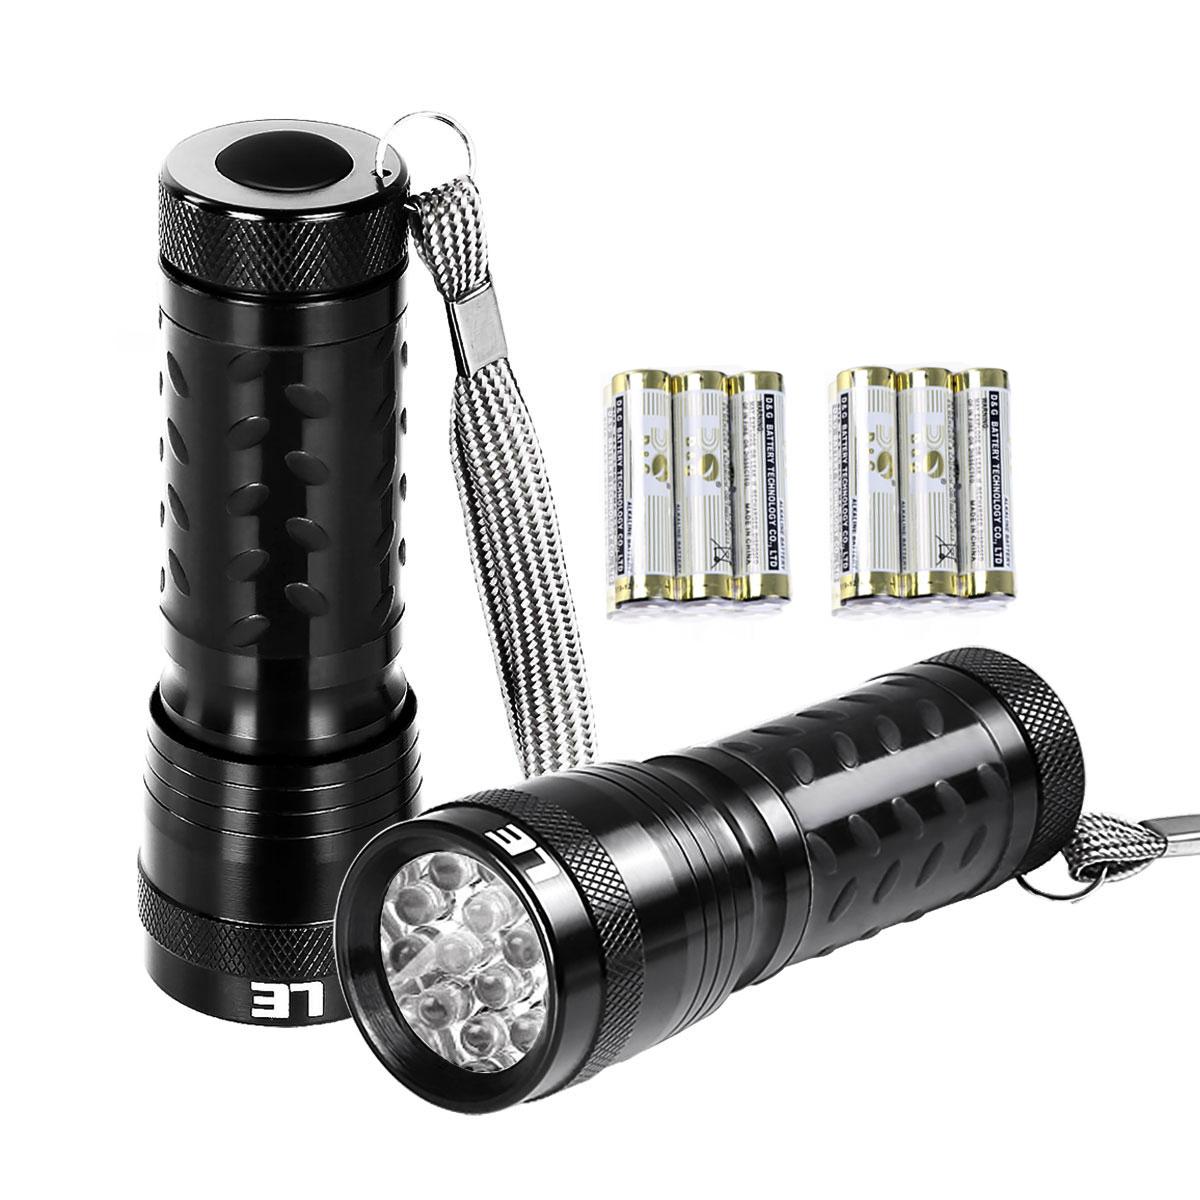 Superhelle LED Taschenlampe, 60lm Handlampe mit 14 LEDs, 2 Stück